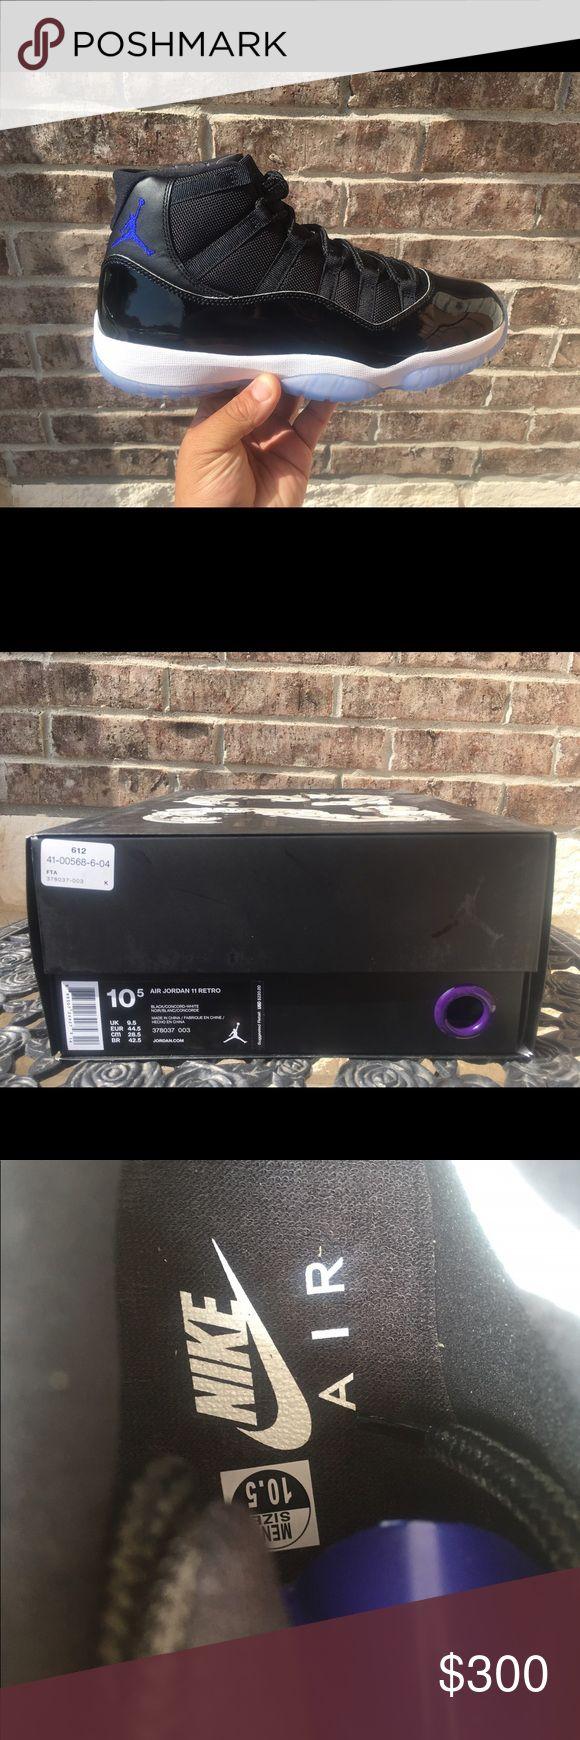 Air Jordan 11 space jam Air Jordan 11 retro space jam brand new in the box sz 10.5 any questions please ask Jordan Shoes Sneakers